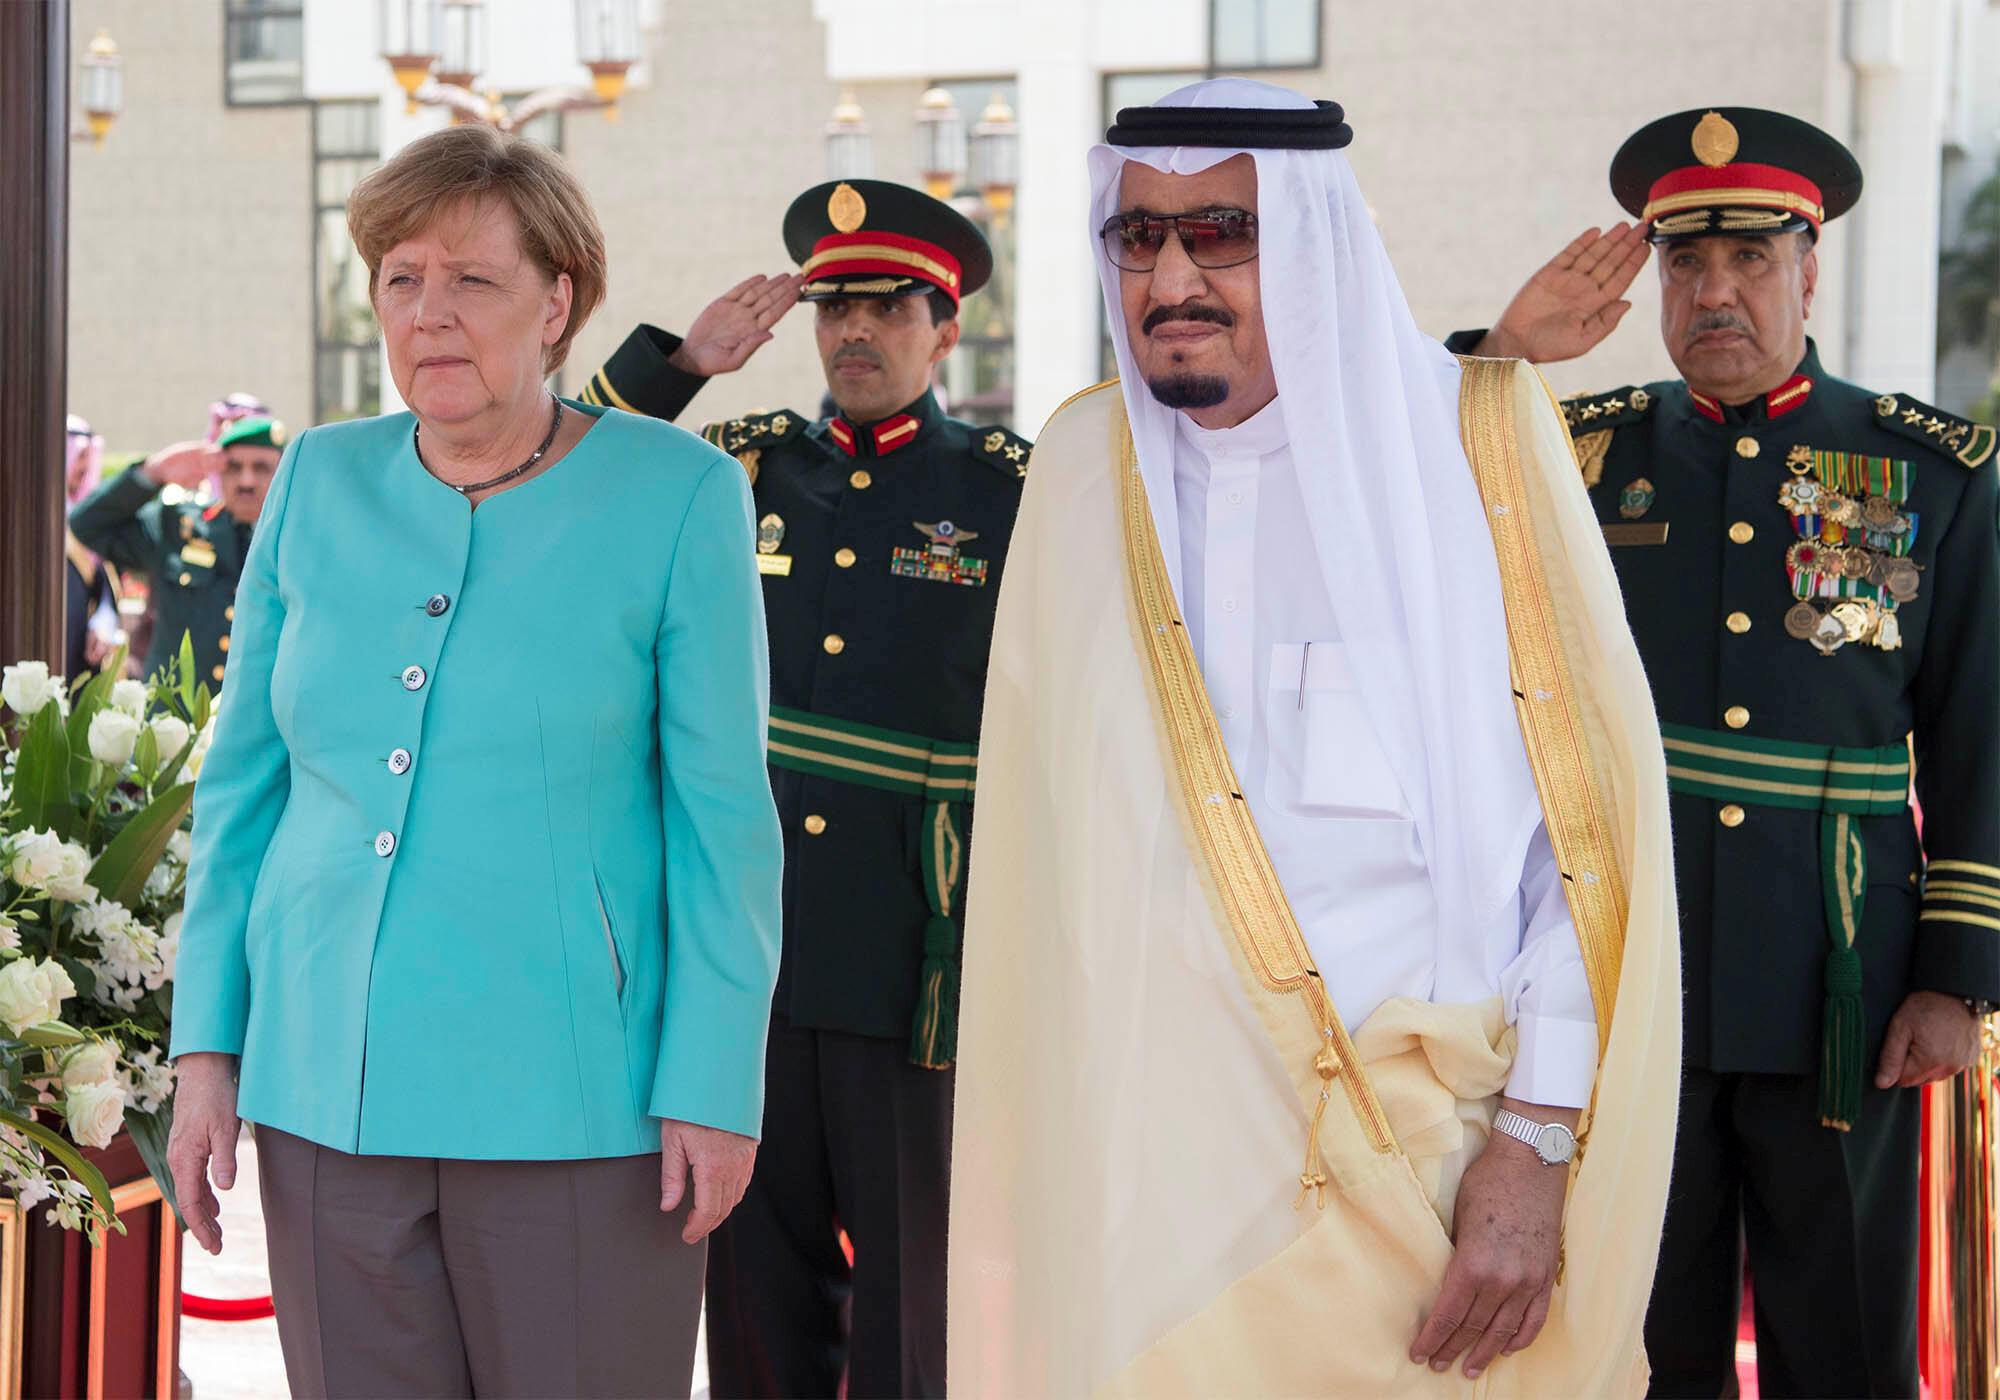 آنگلا مرکل صدر اعظم آلمان و ملک سلمان پادشاه عربستان در جده